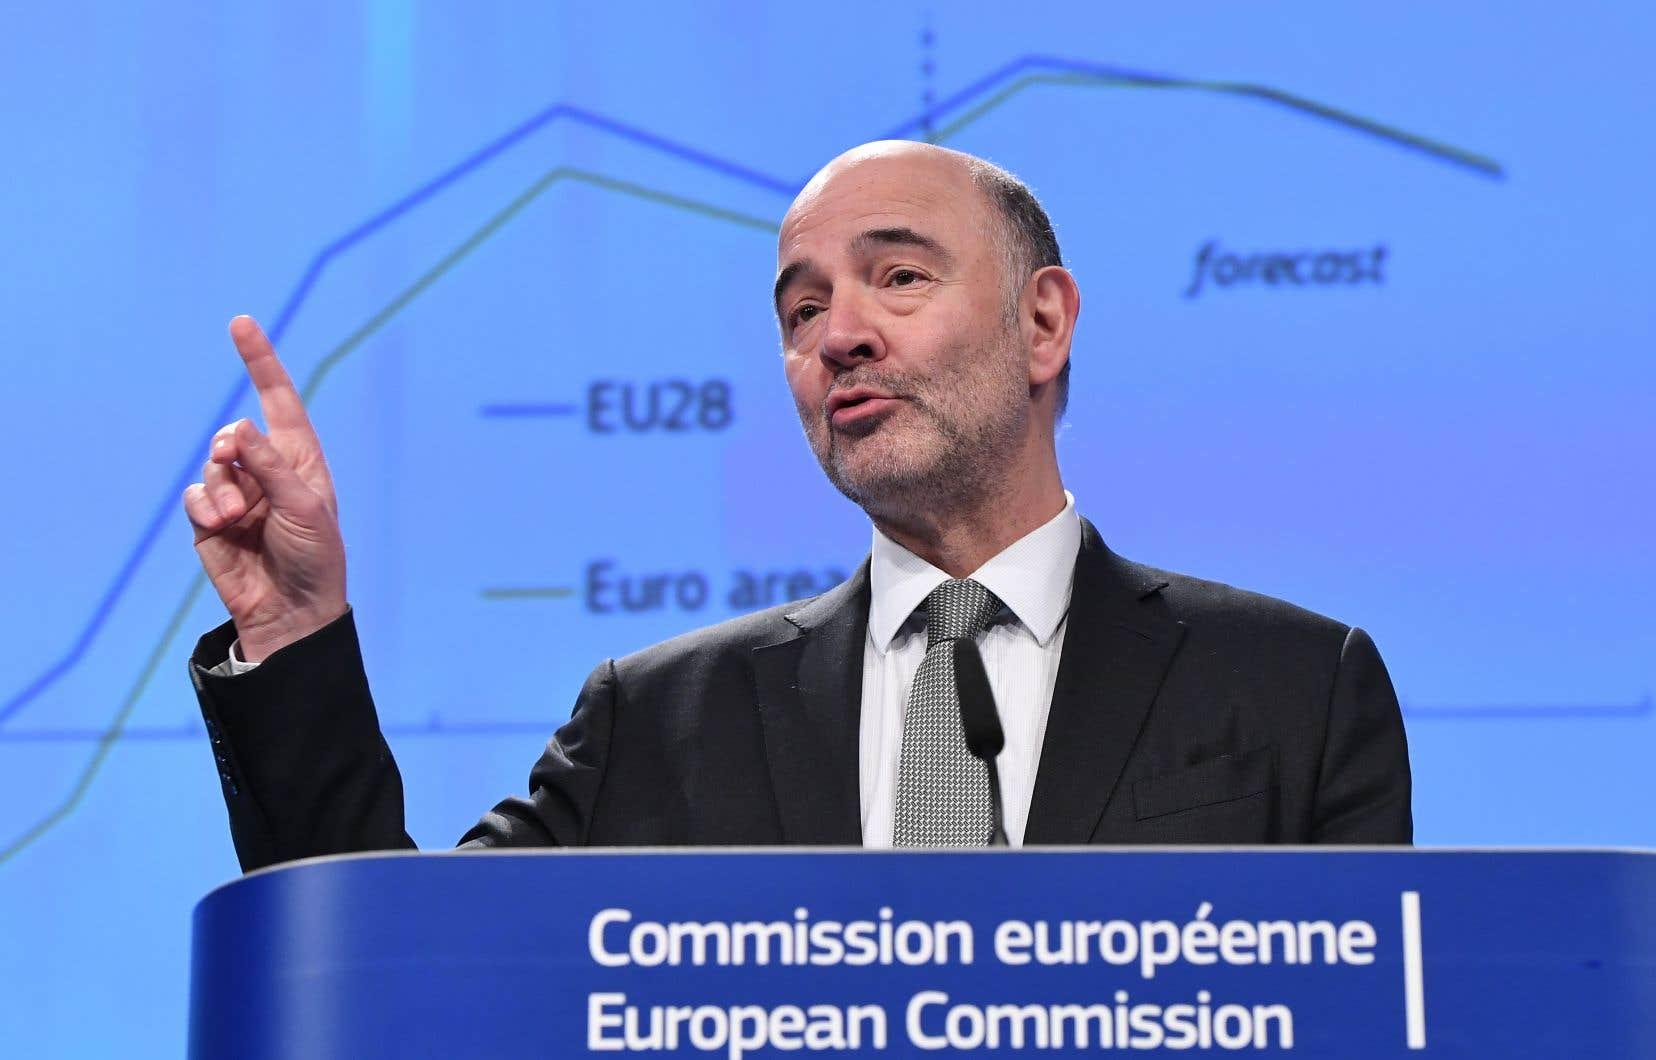 «L'économie européenne affiche une solide santé en ce début d'année 2018», a constaté le commissaire européen aux Affaires économiques, Pierre Moscovici.